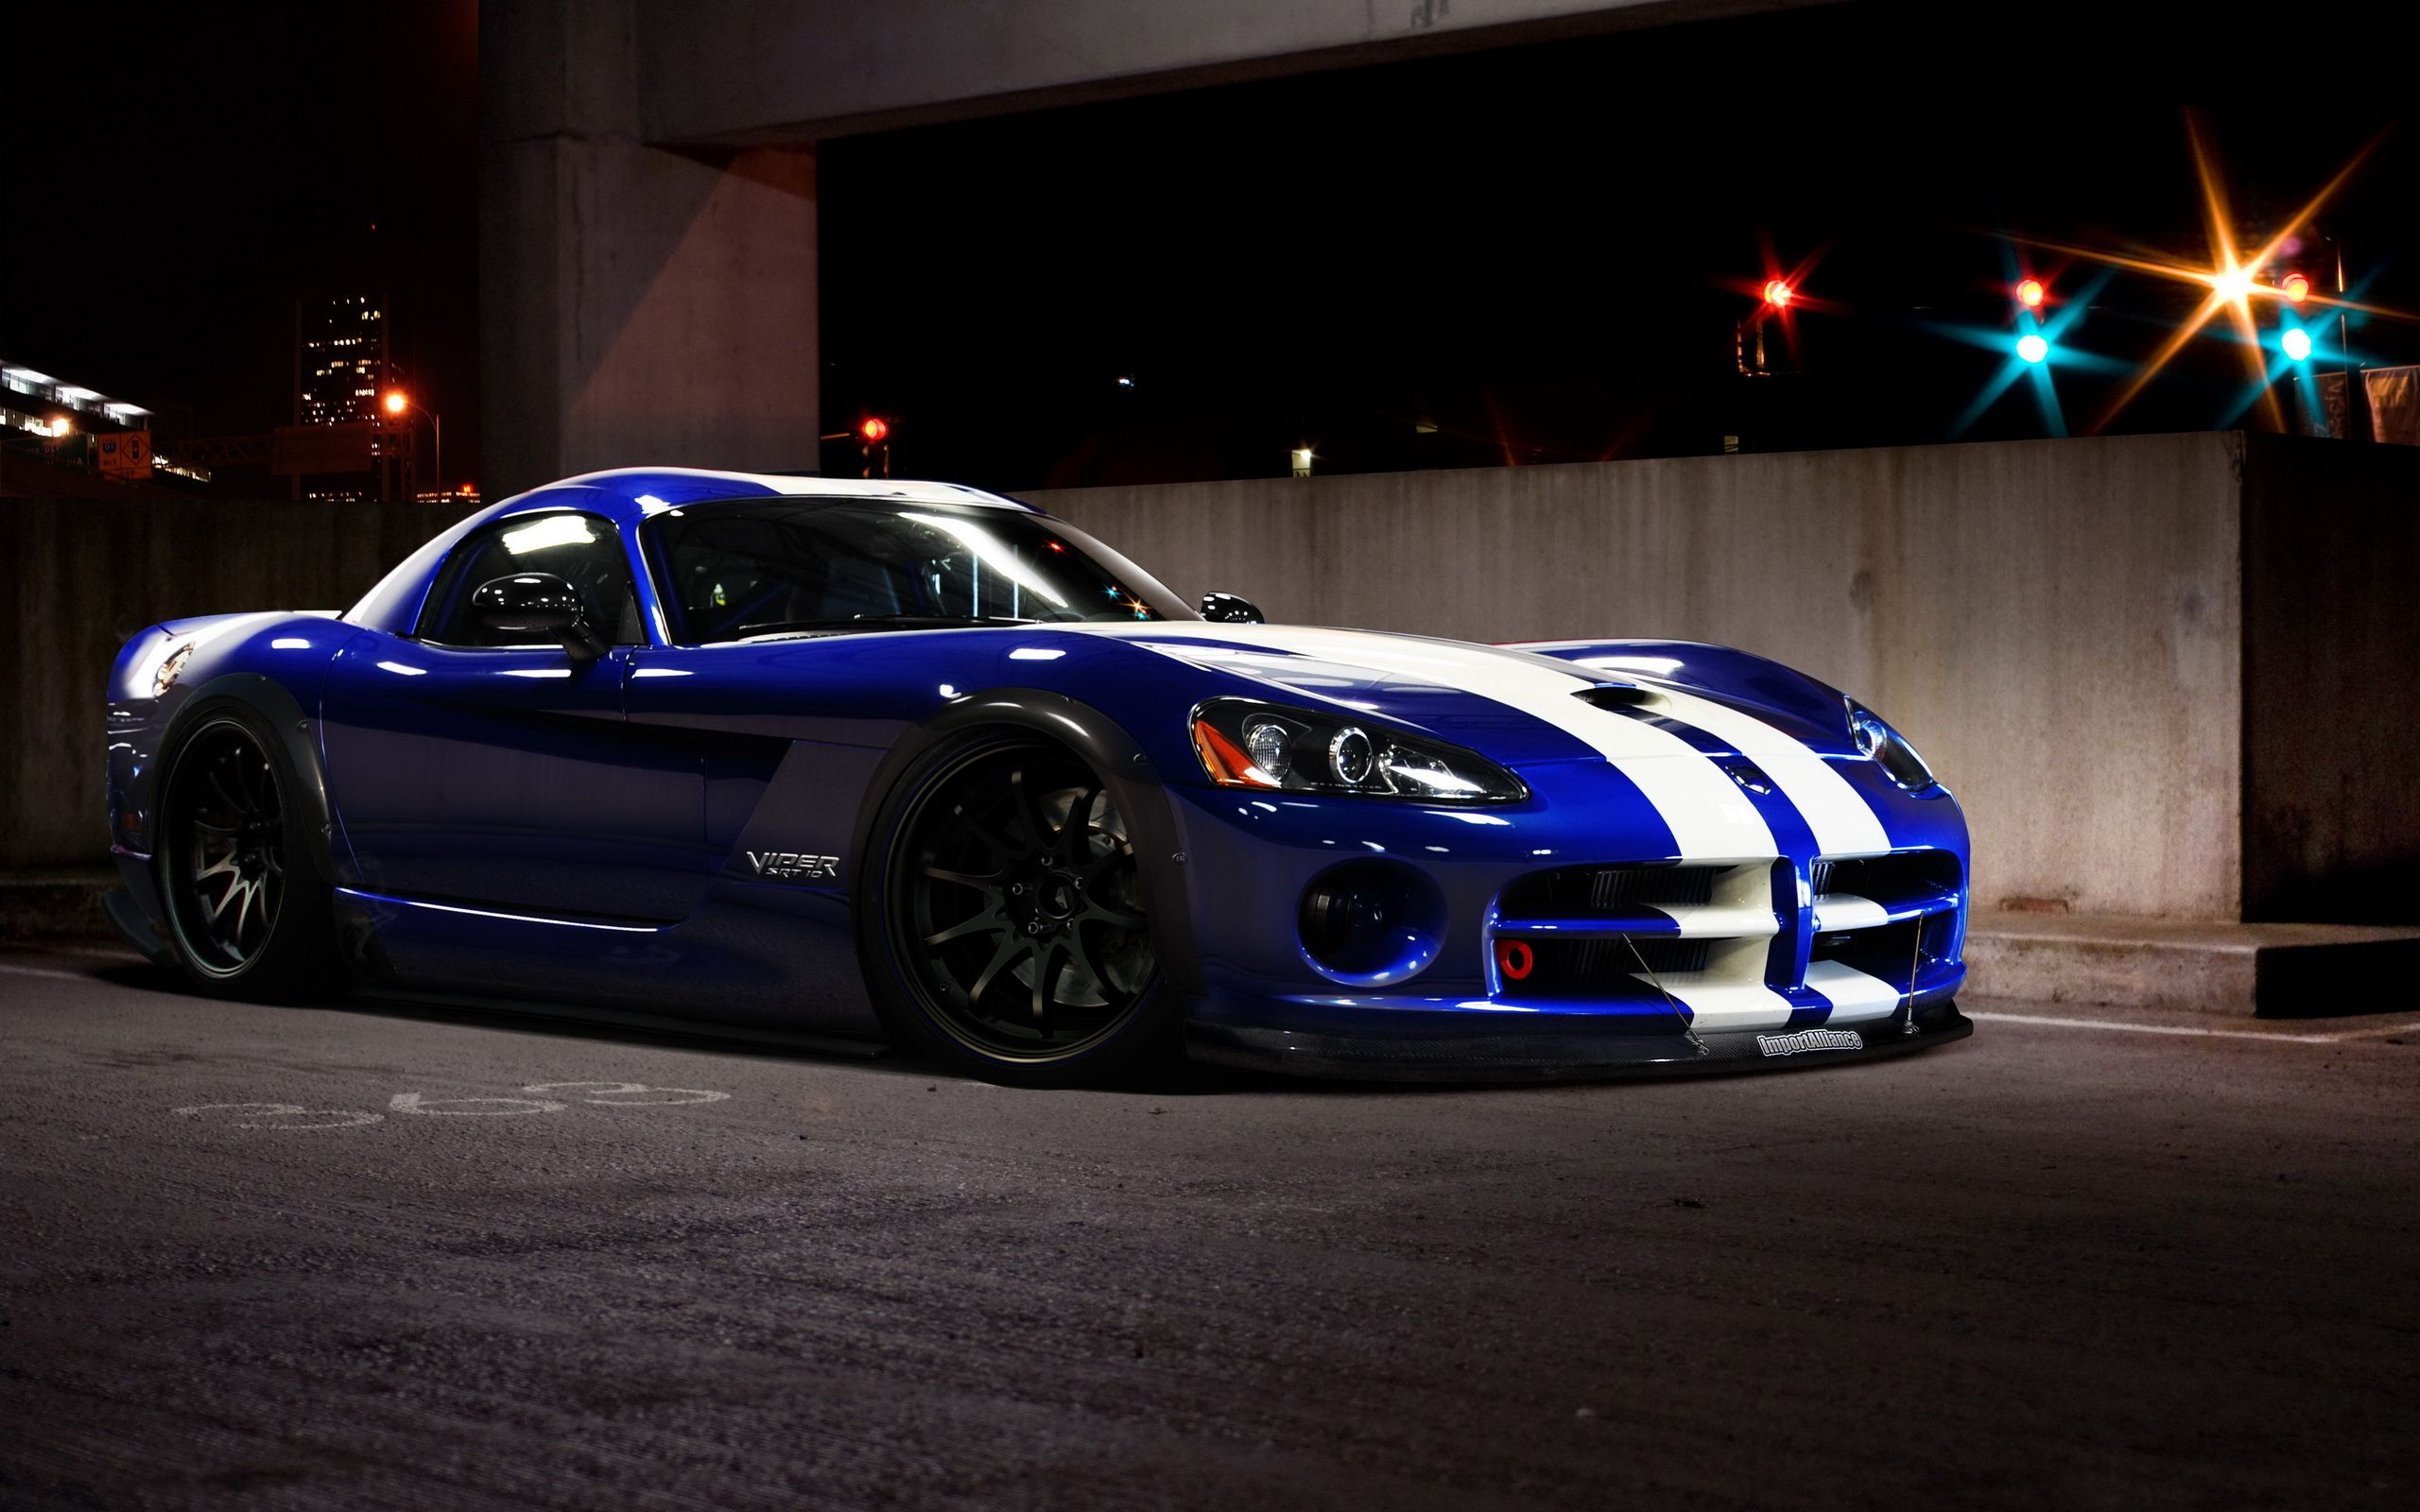 Best car ever wish i had one dodgeviper dreamsarefree loveit blue